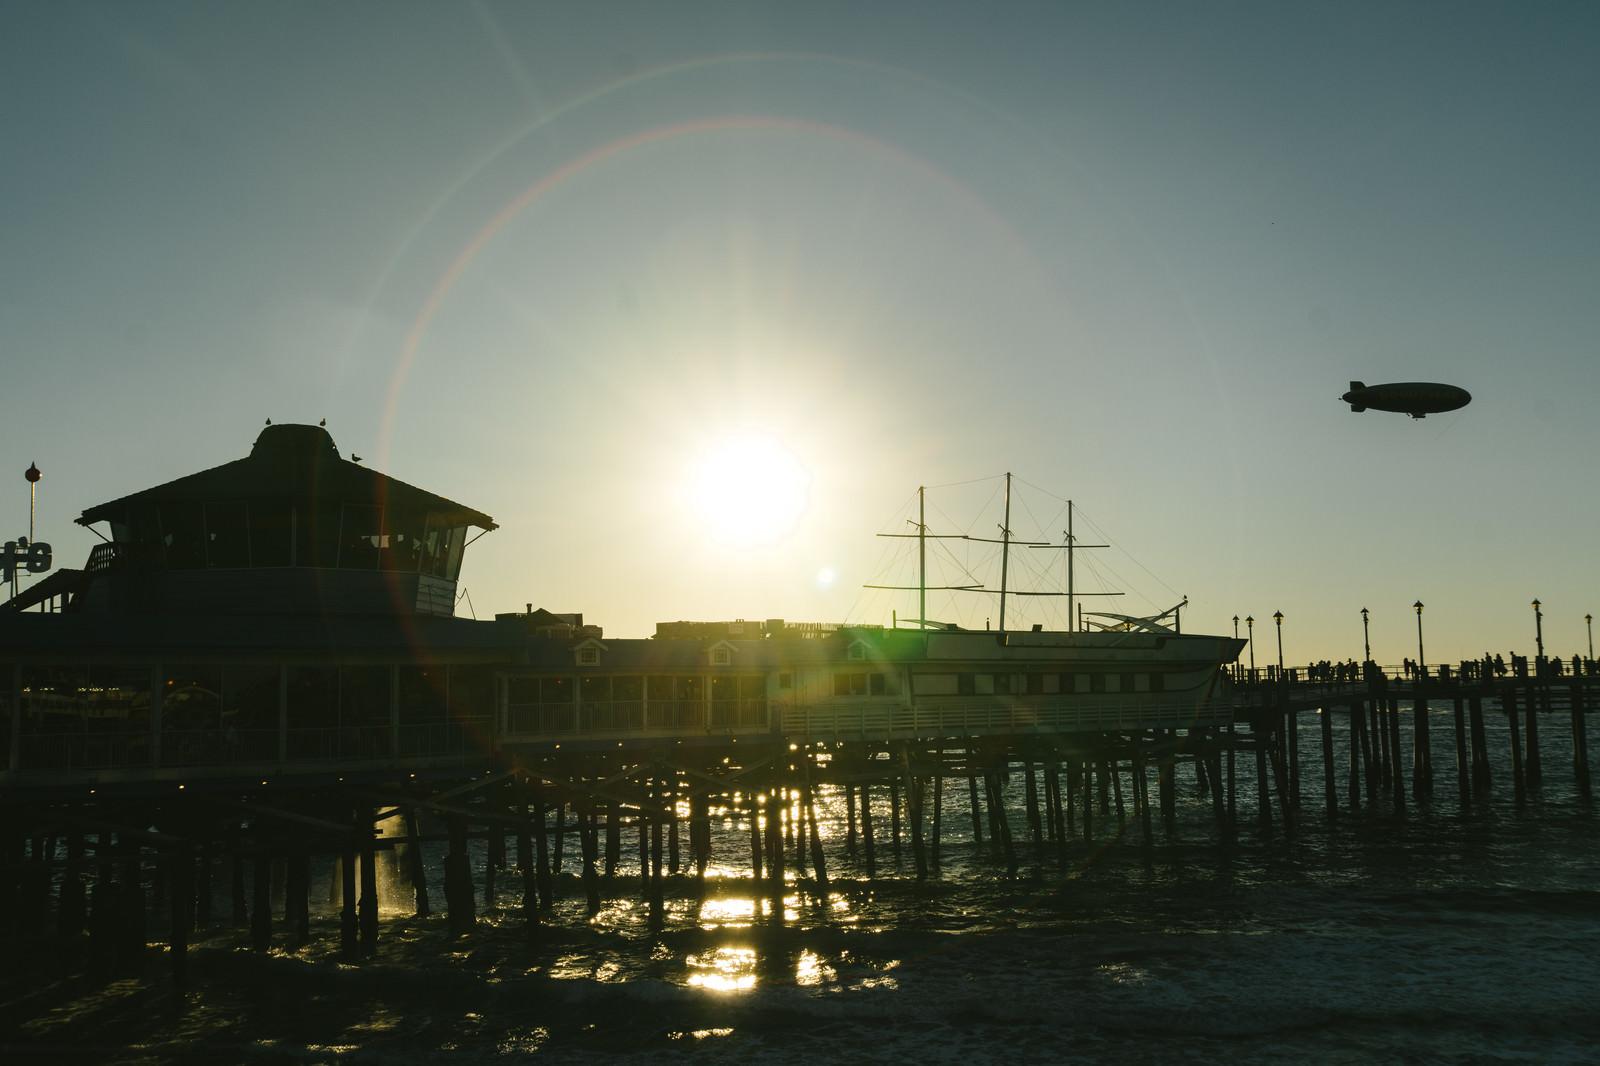 「逆光とレドンドビーチ」の写真